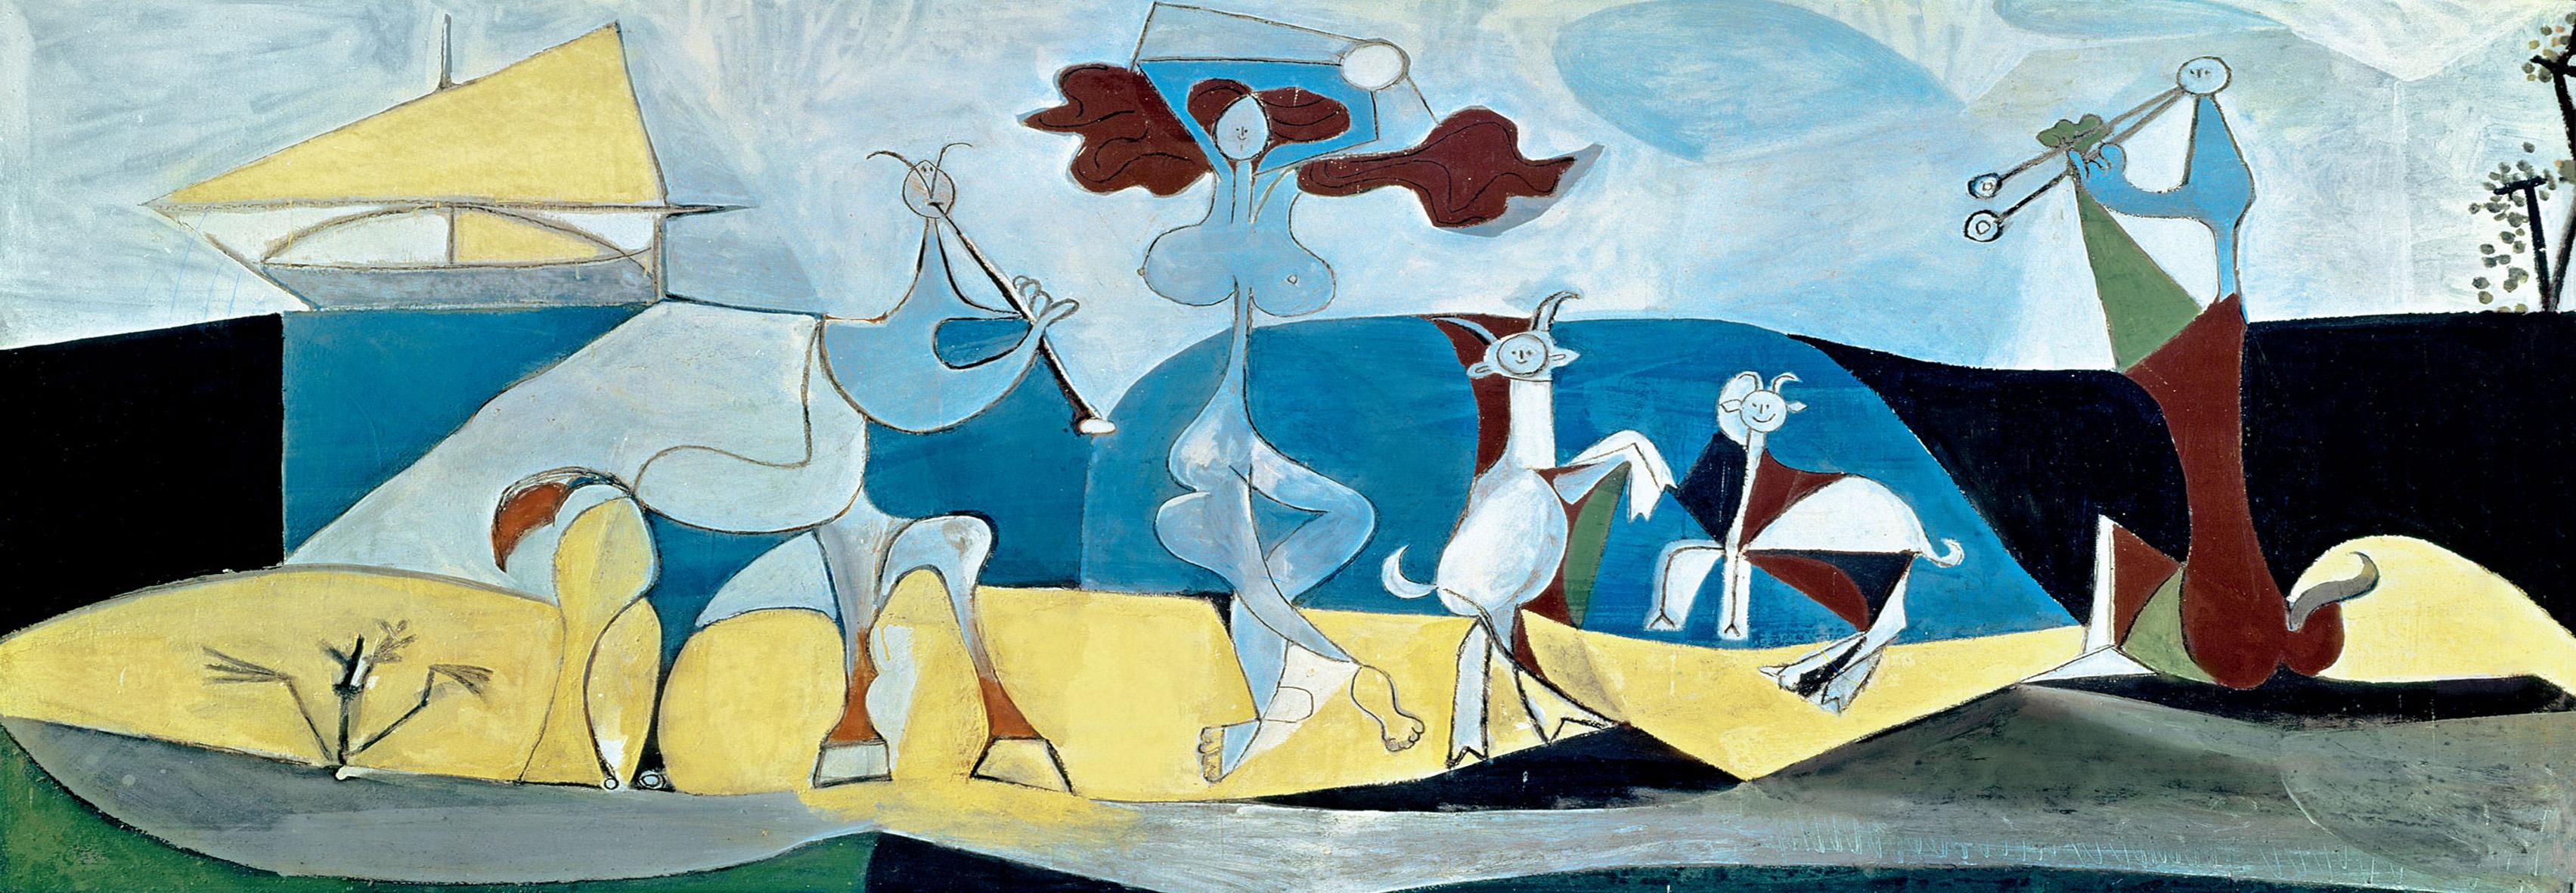 3002N00021 - Picasso, Pablo- La Joie de